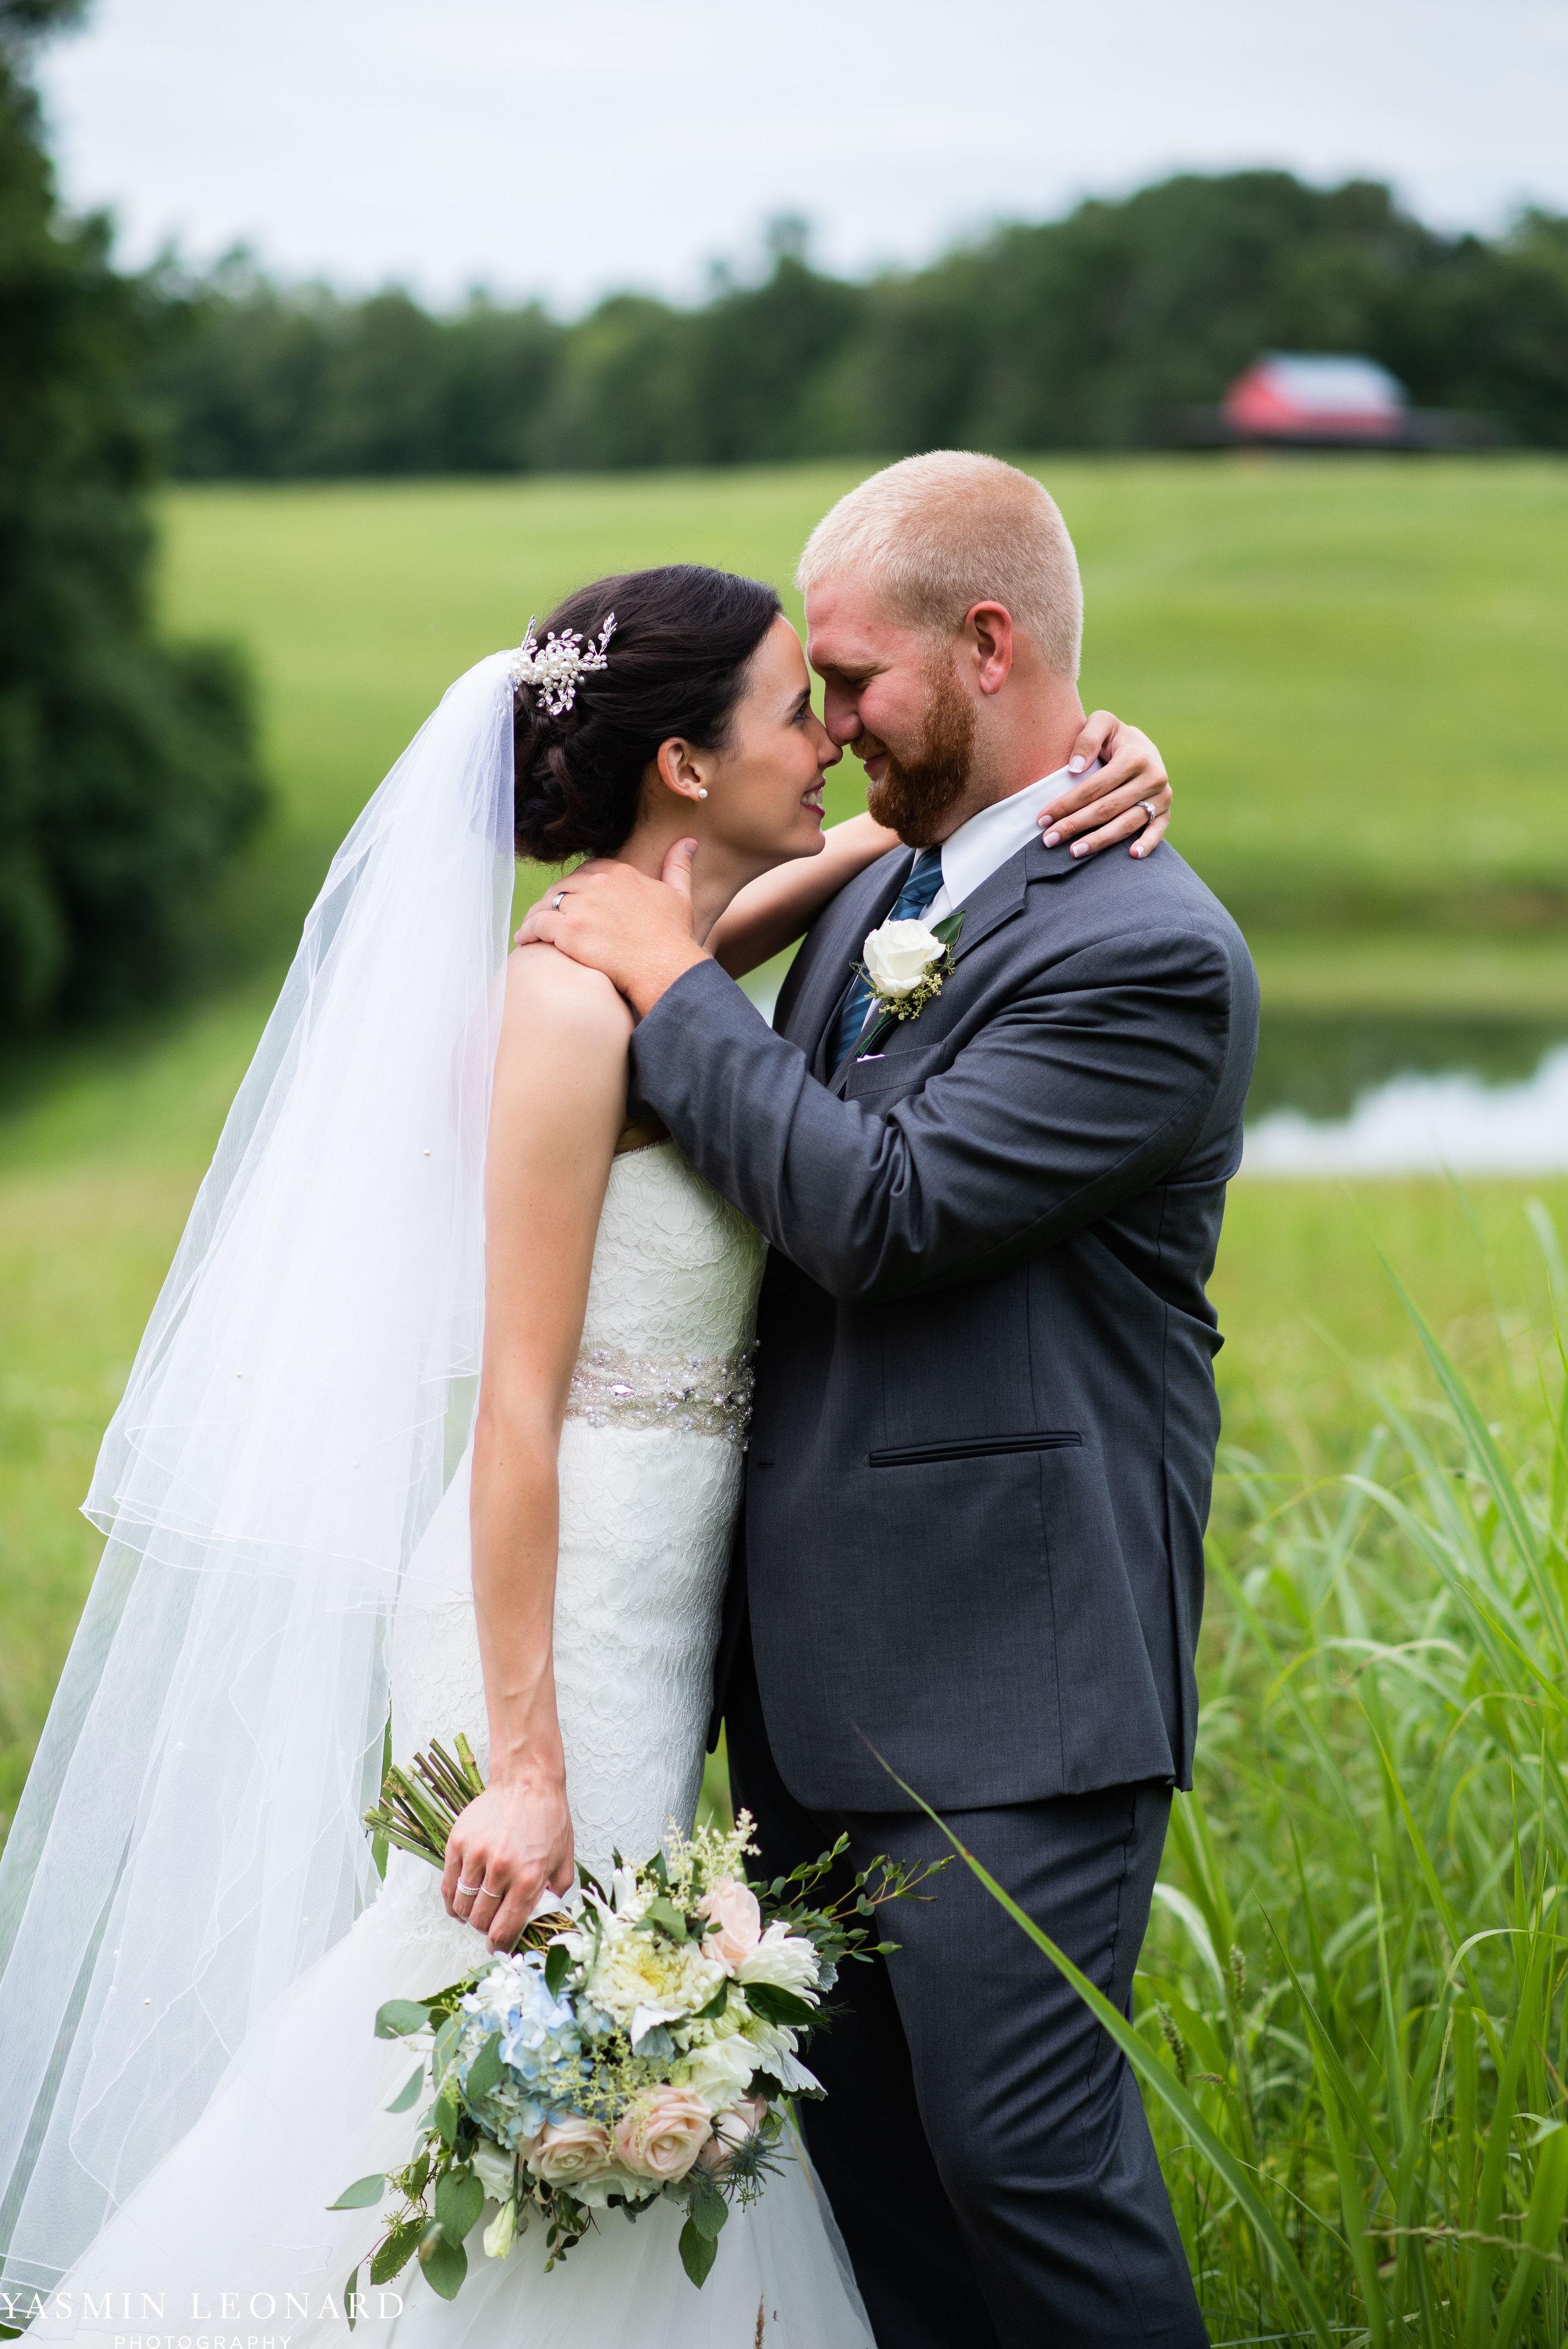 Mt. Pleasant Church - Church Wedding - Traditional Wedding - Church Ceremony - Country Wedding - Godly Wedding - NC Wedding Photographer - High Point Weddings - Triad Weddings - NC Venues-38.jpg